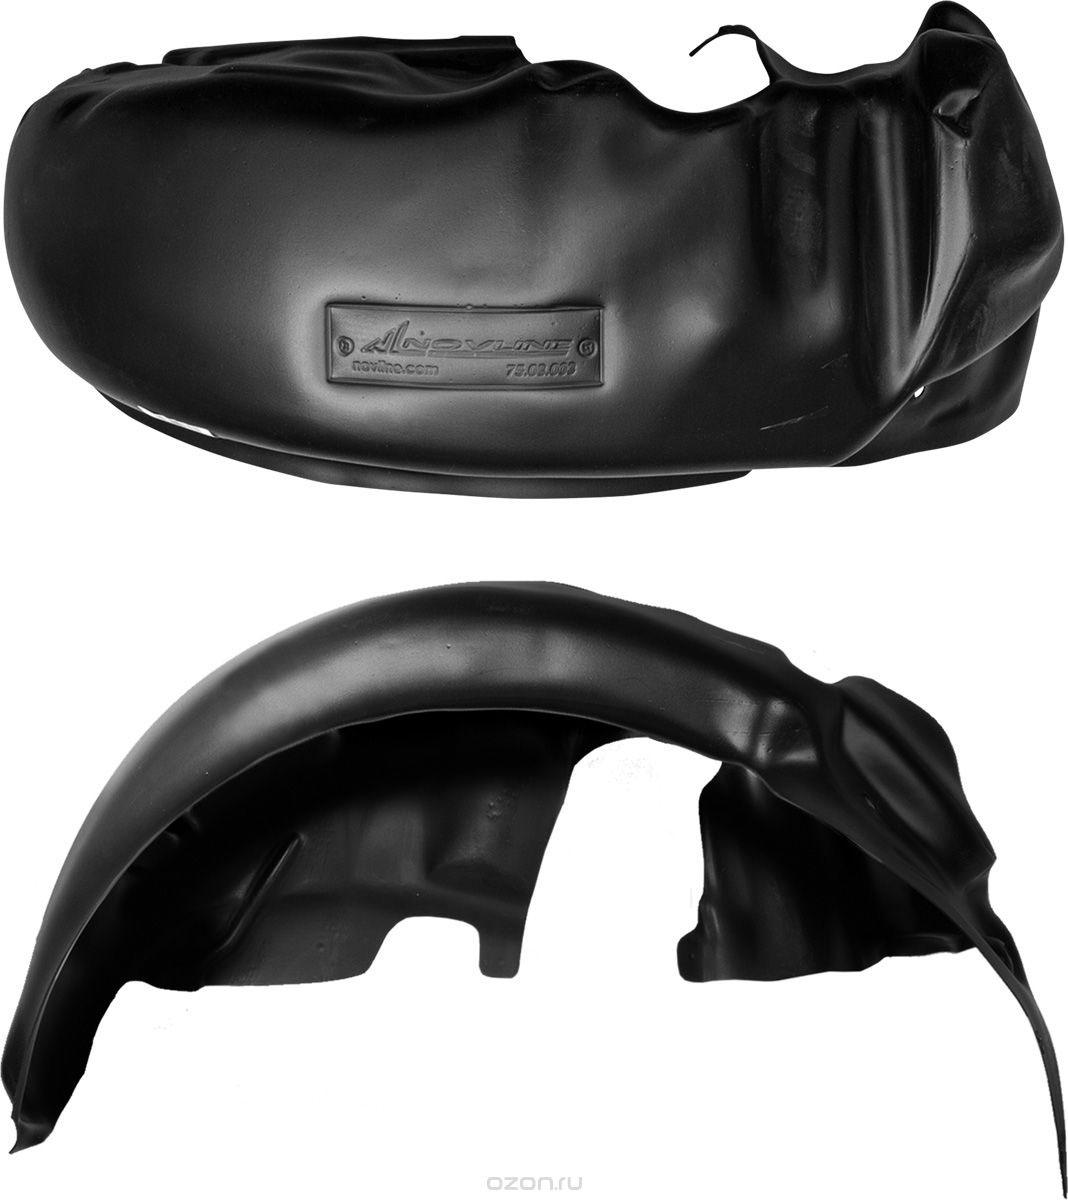 Подкрылок Novline-Autofamily, для BRILLIANCE H530, 06/2014->, передний левыйVCA-00Идеальная защита колесной ниши. Локеры разработаны с применением цифровых технологий, гарантируют максимальную повторяемость поверхности арки. Изделия устанавливаются без нарушения лакокрасочного покрытия автомобиля, каждый подкрылок комплектуется крепежом. Уважаемые клиенты, обращаем ваше внимание, что фотографии на подкрылки универсальные и не отражают реальную форму изделия. При этом само изделие идет точно под размер указанного автомобиля.